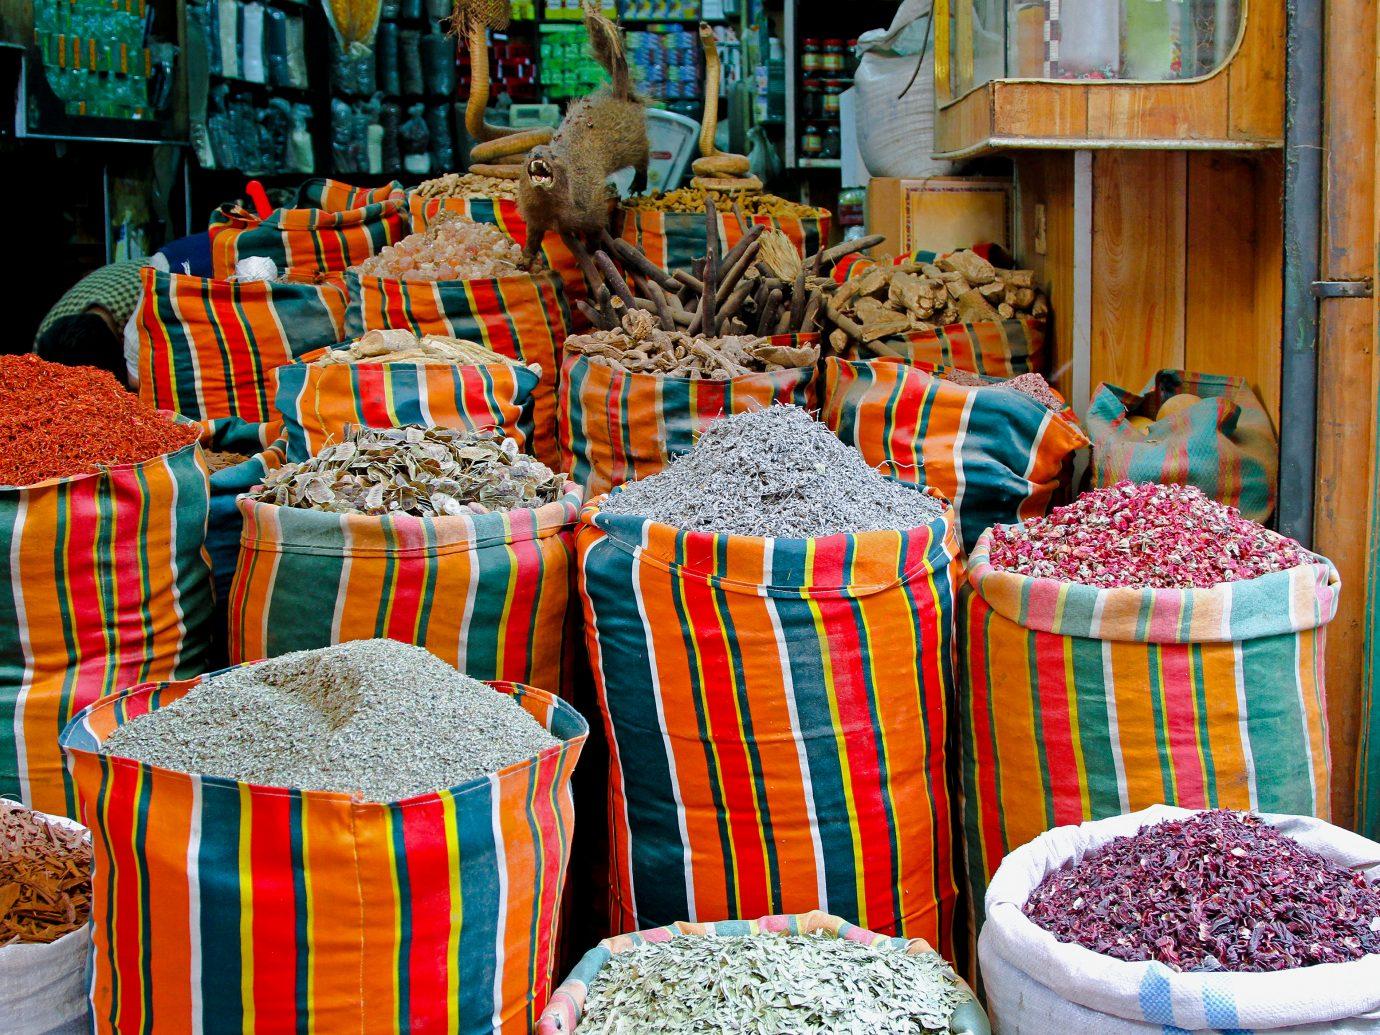 Traditional shop at Khan el Khalili market